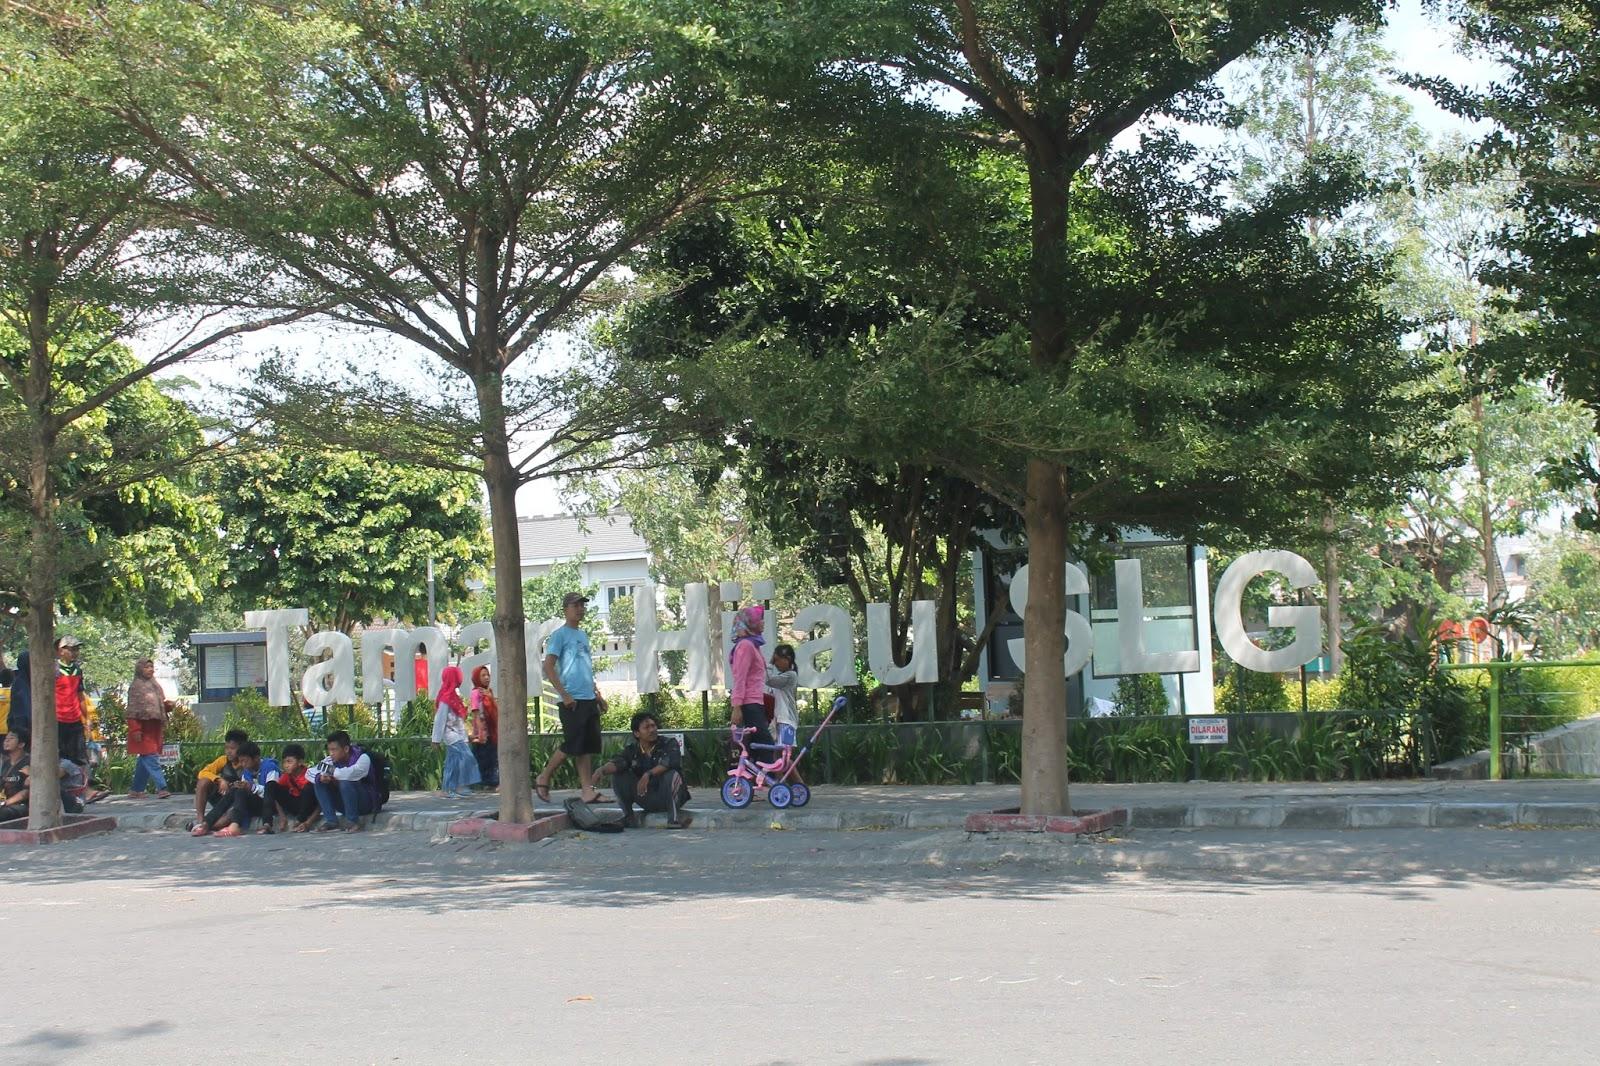 Travelling Taman Hijau Gumul Peresmian Slg Bupati Menjelaskan Tersebut 6